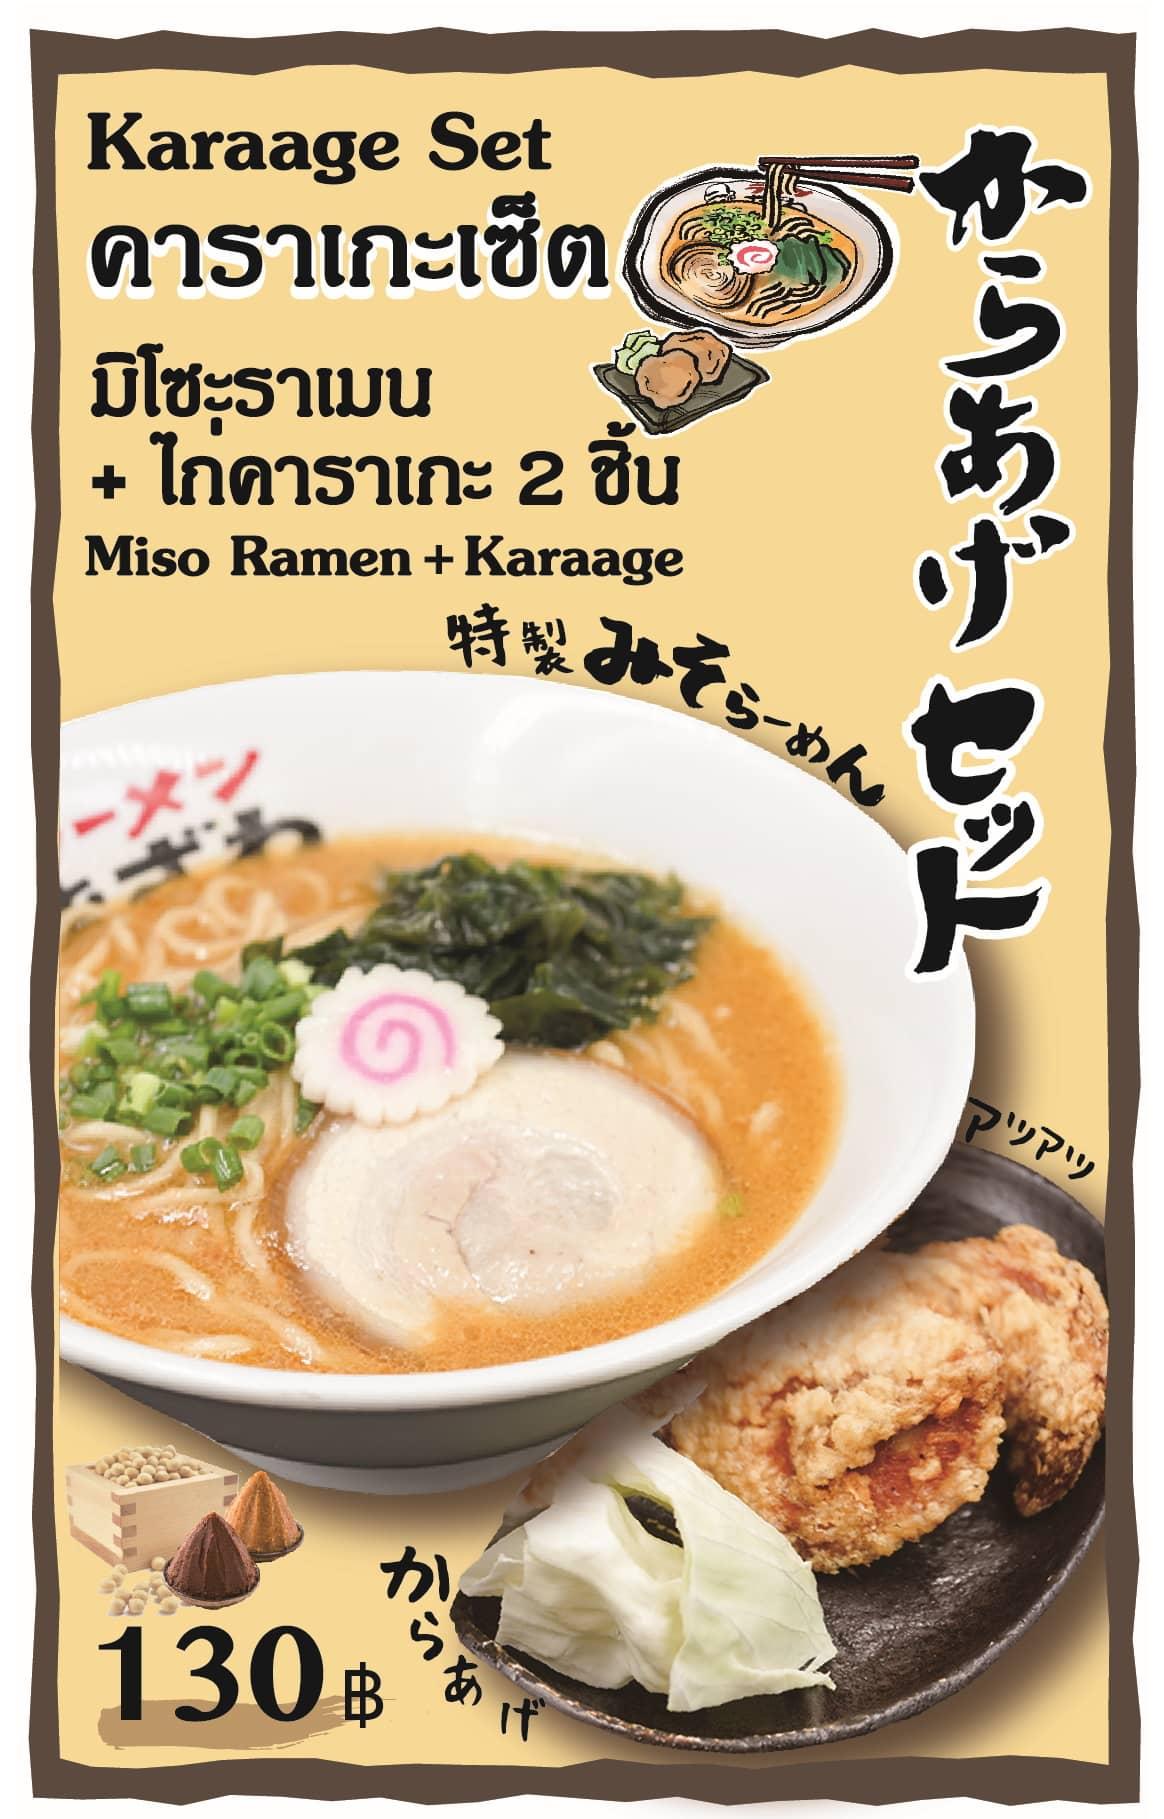 Karaage Set คาราเกะเซ็ต - มิโซะราเมน + ไก่คาราเกะ 2 ชิ้น Miso Ramn + Karaage 2 pcs